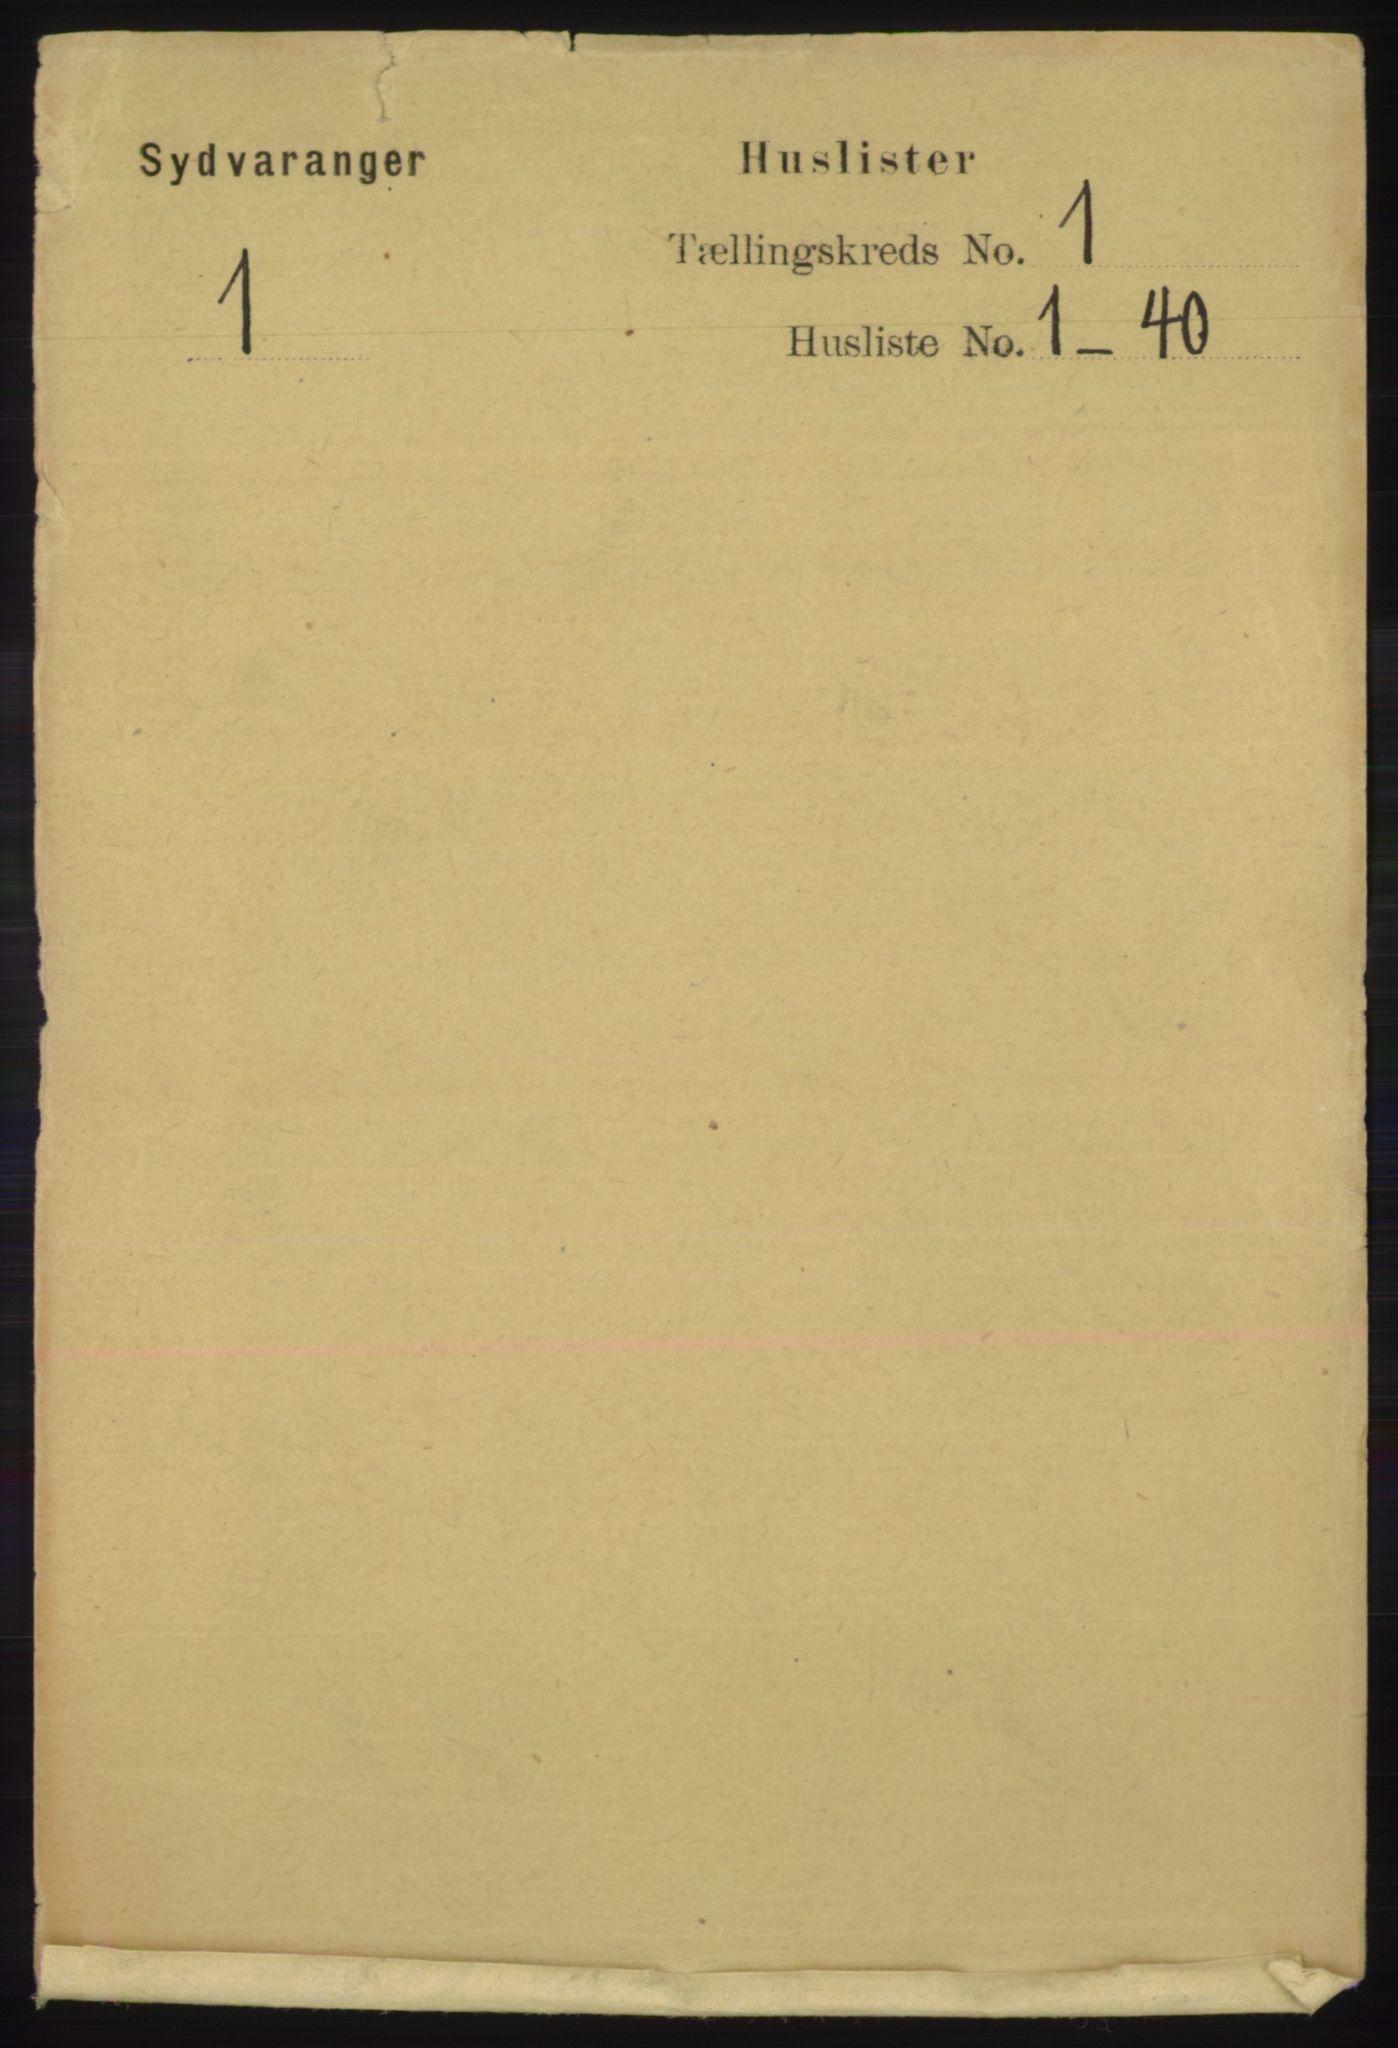 RA, Folketelling 1891 for 2030 Sør-Varanger herred, 1891, s. 20